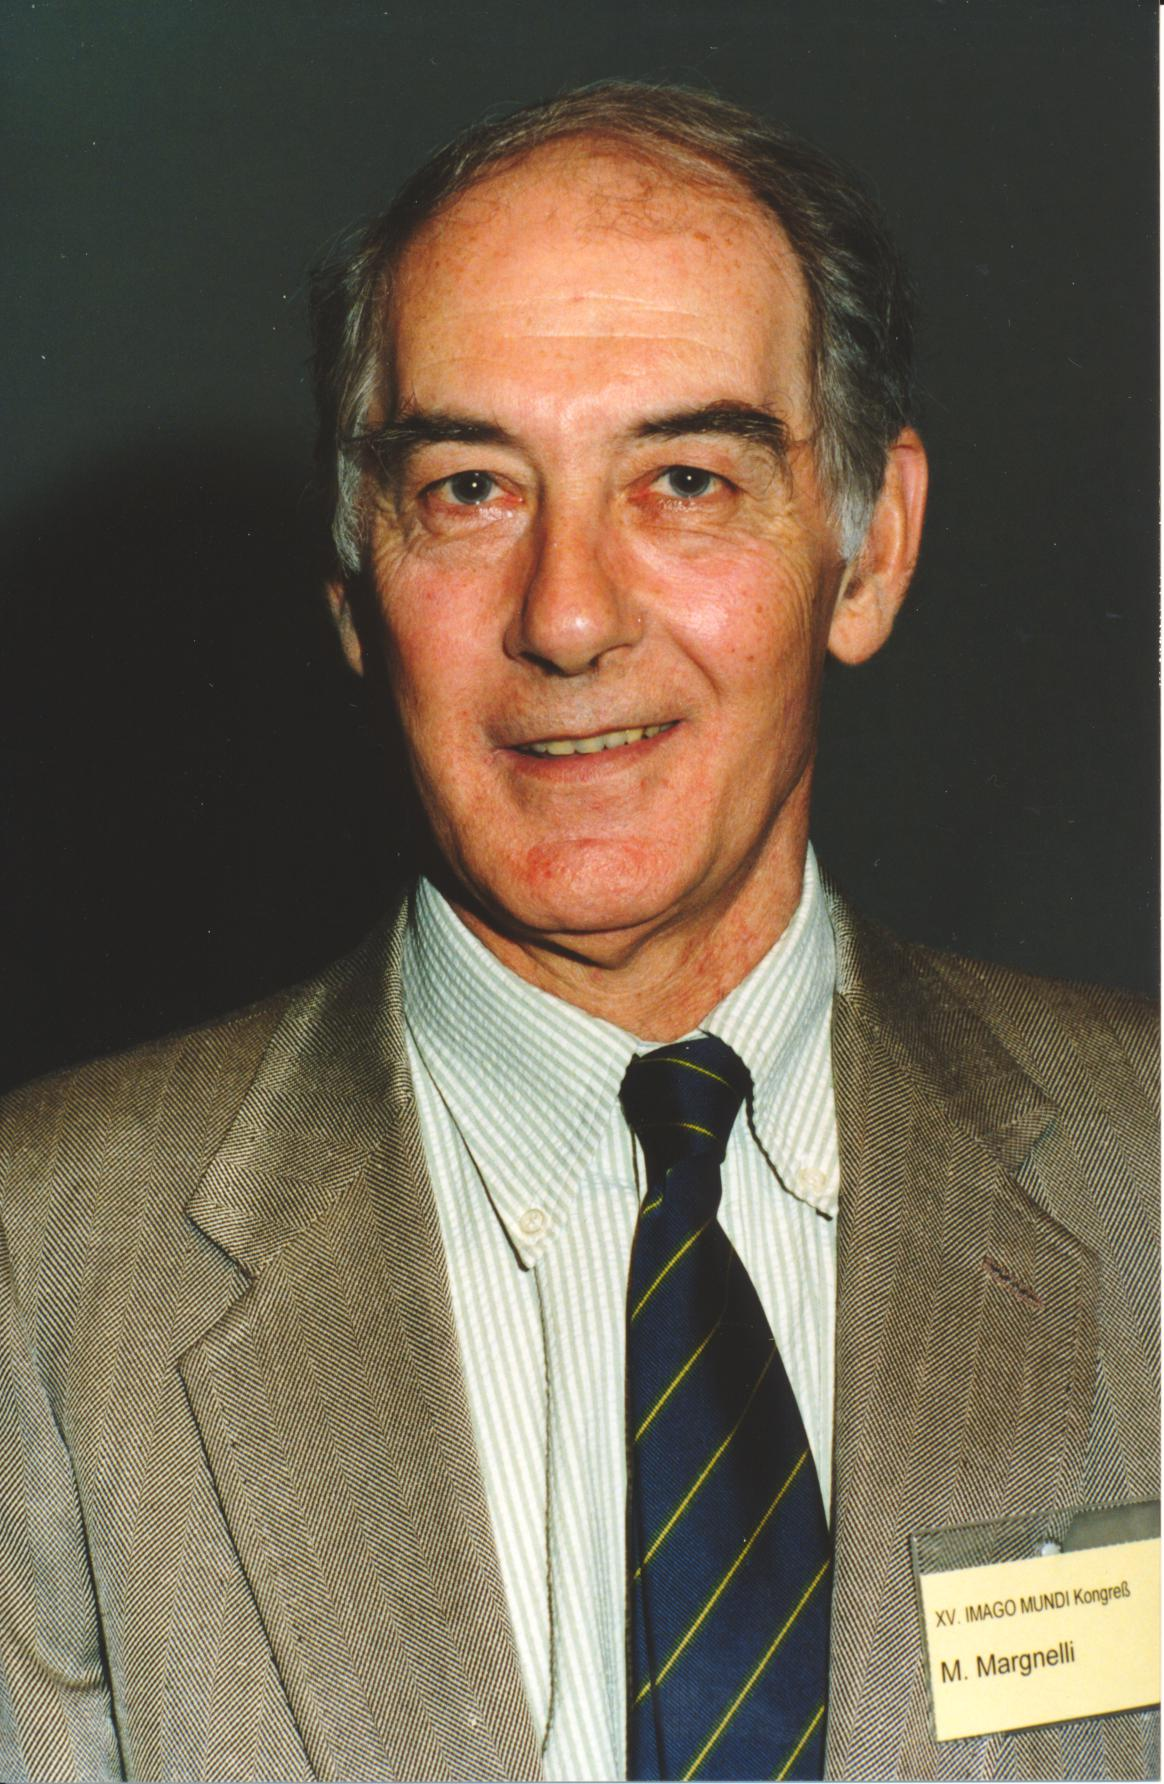 XV. Imago Mundi-Kongress 1995, Innsbruck, Dr. Marco Margnelli